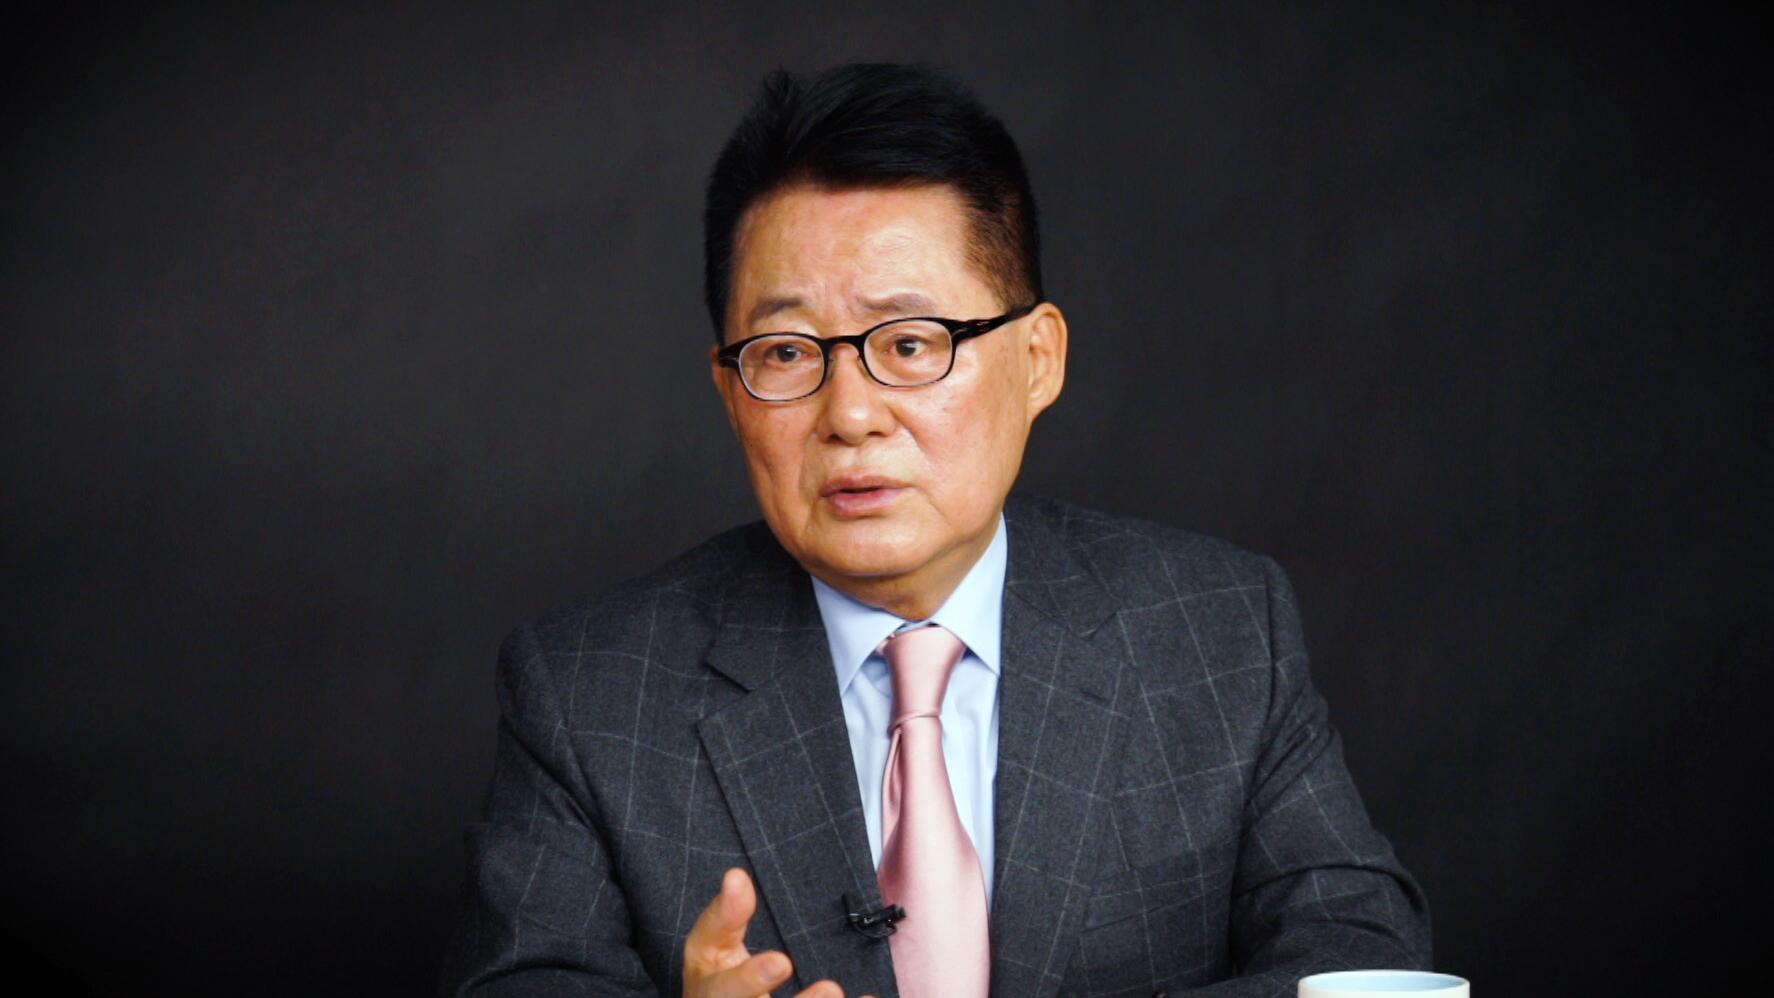 """비례민주당?… 박지원 """"진보 연합 위성정당 필요하다면 민생당, 군소정당 배려할 것"""""""